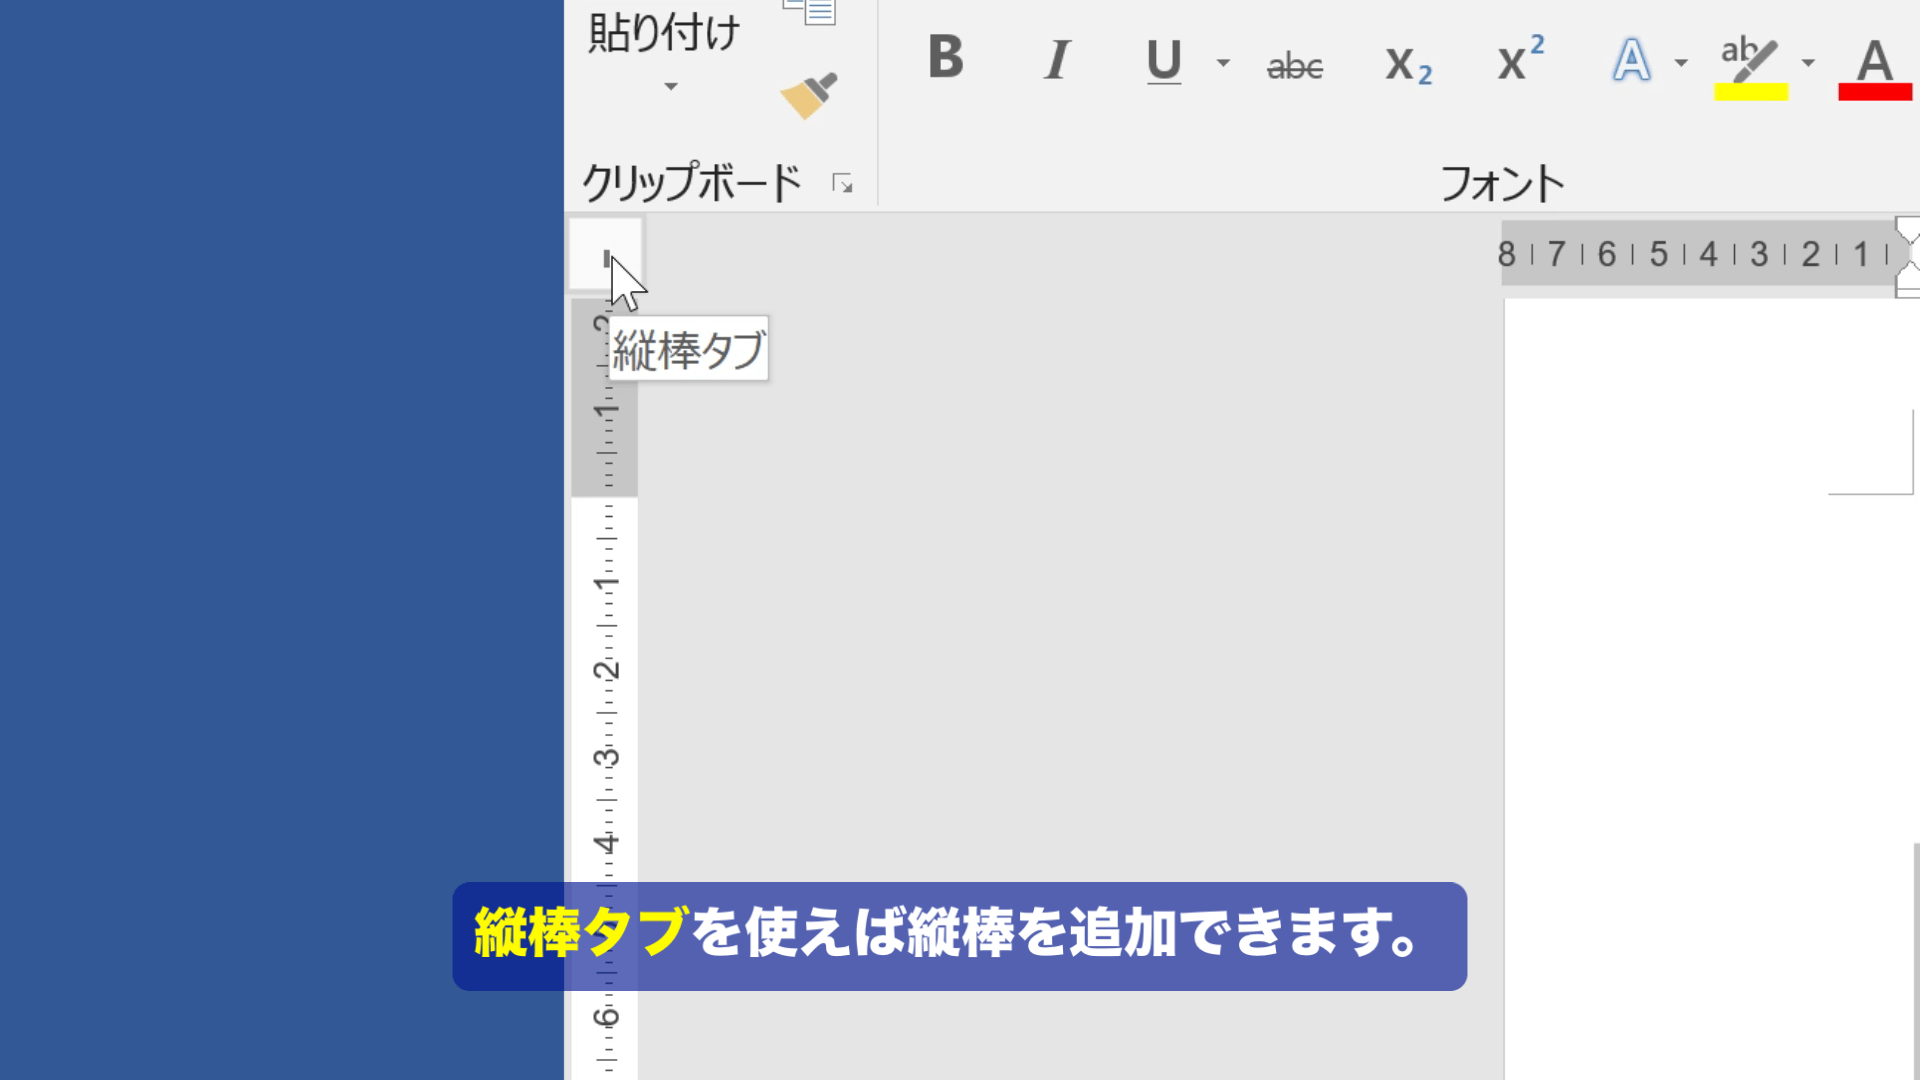 縦の線を挿入できる縦棒タブの位置を示したWordのスクリーンショット画像